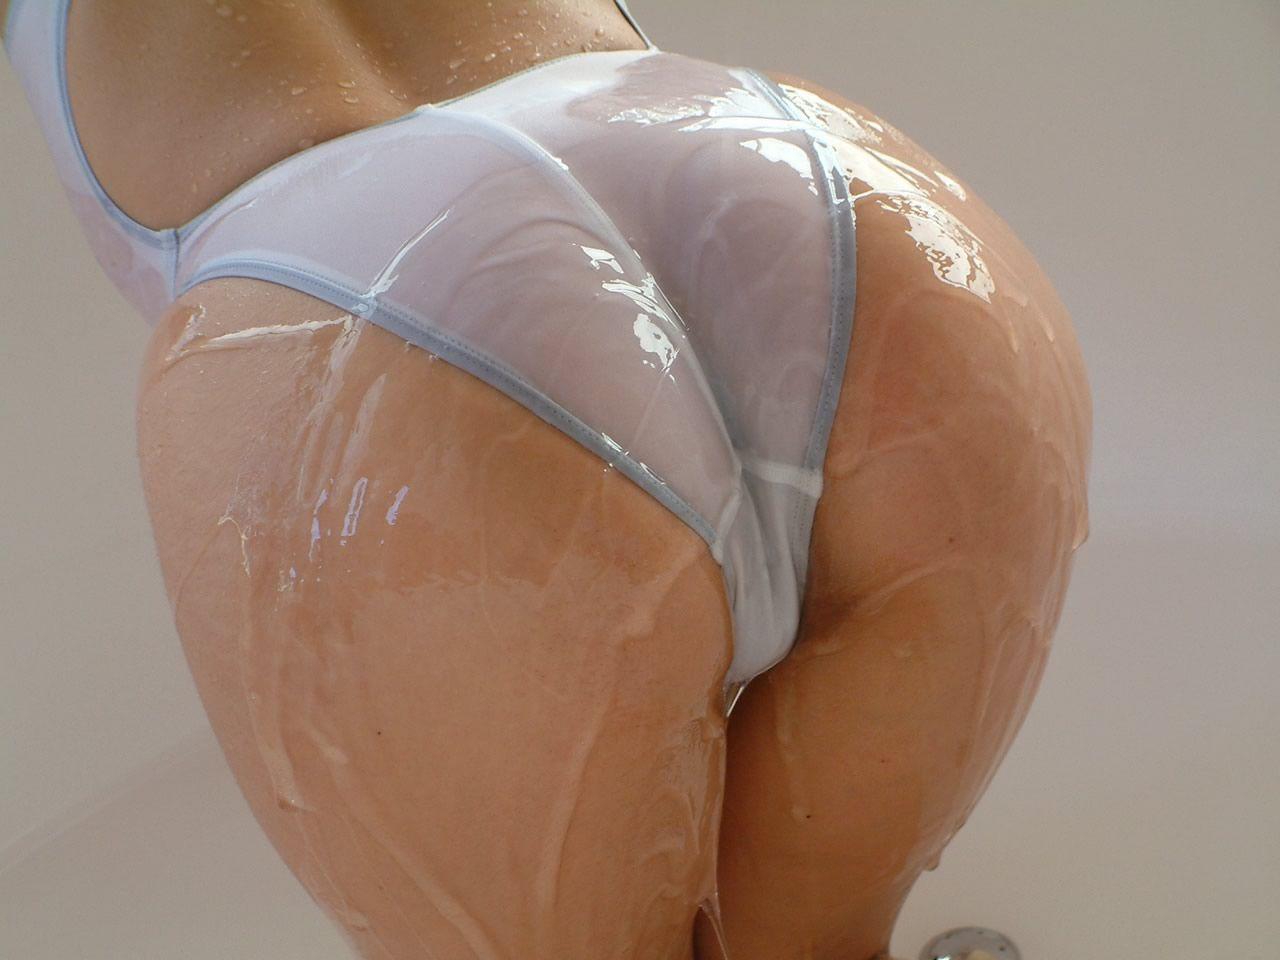 【フェチ画像】大量のローションにまみれた卑猥な女体の数々 12